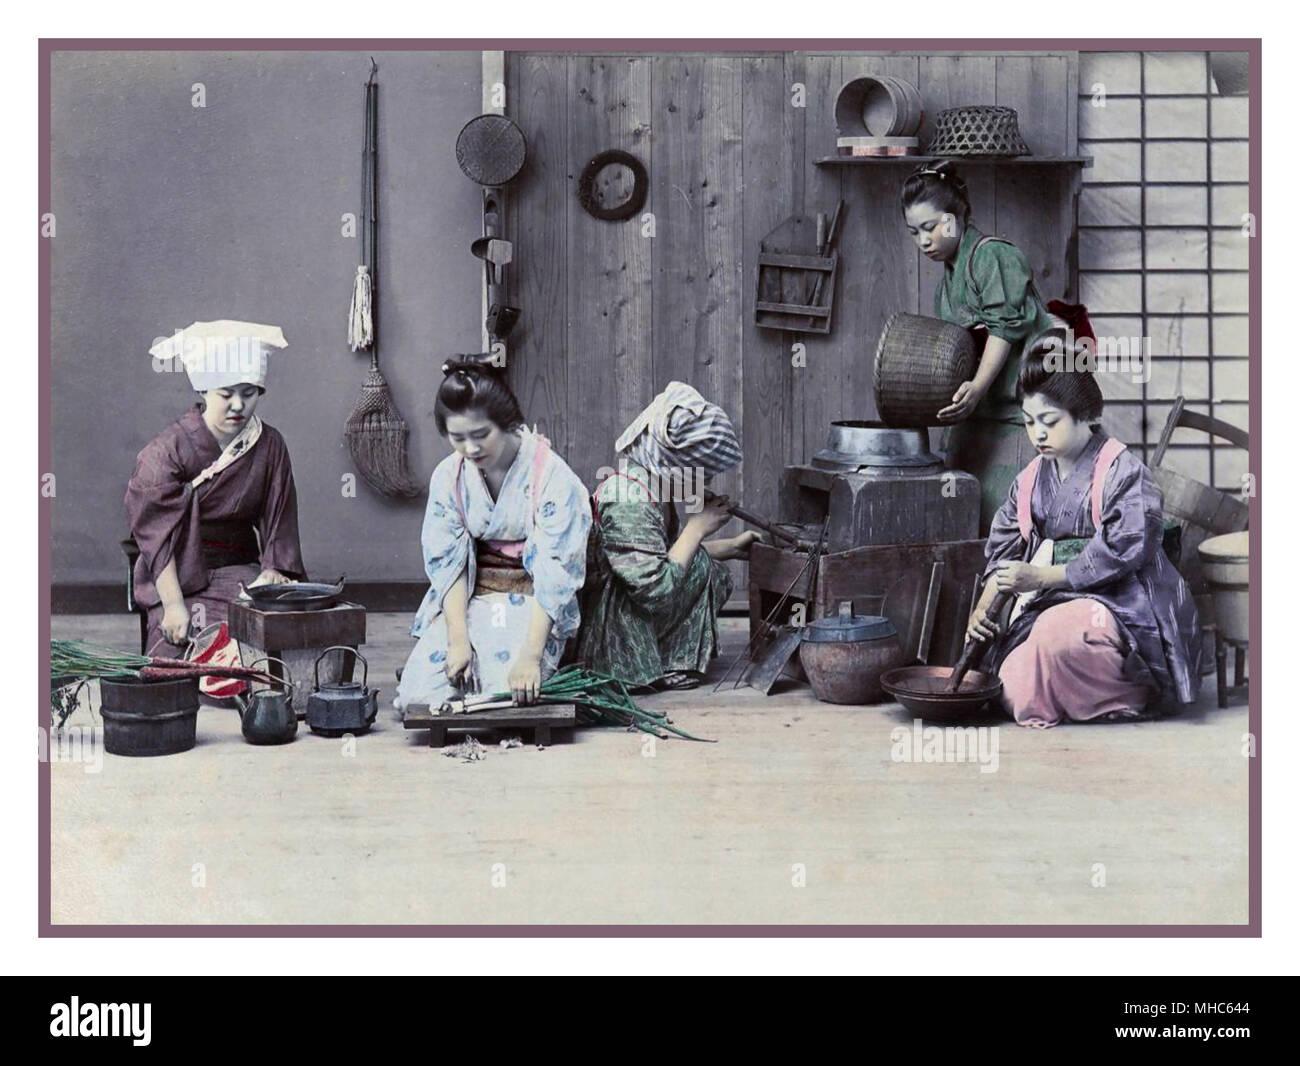 Giappone periodo Meiji 1880-1890 dei lavoratori di sesso femminile in una cucina per preparare la cena. La litografia a colori Photochrom tecnica di immagine di circa 1880-1890. Periodo Meiji (明治時代 Meiji-jidai), noto anche come l'epoca Meiji, giapponese è un epoca che si estendeva dal 23 ottobre 1868 al 30 luglio 1912. Questo periodo rappresenta la prima metà dell'impero del Giappone durante la quale la società giapponese di mosso da un isolato società feudale alla sua forma moderna. Immagini Stock